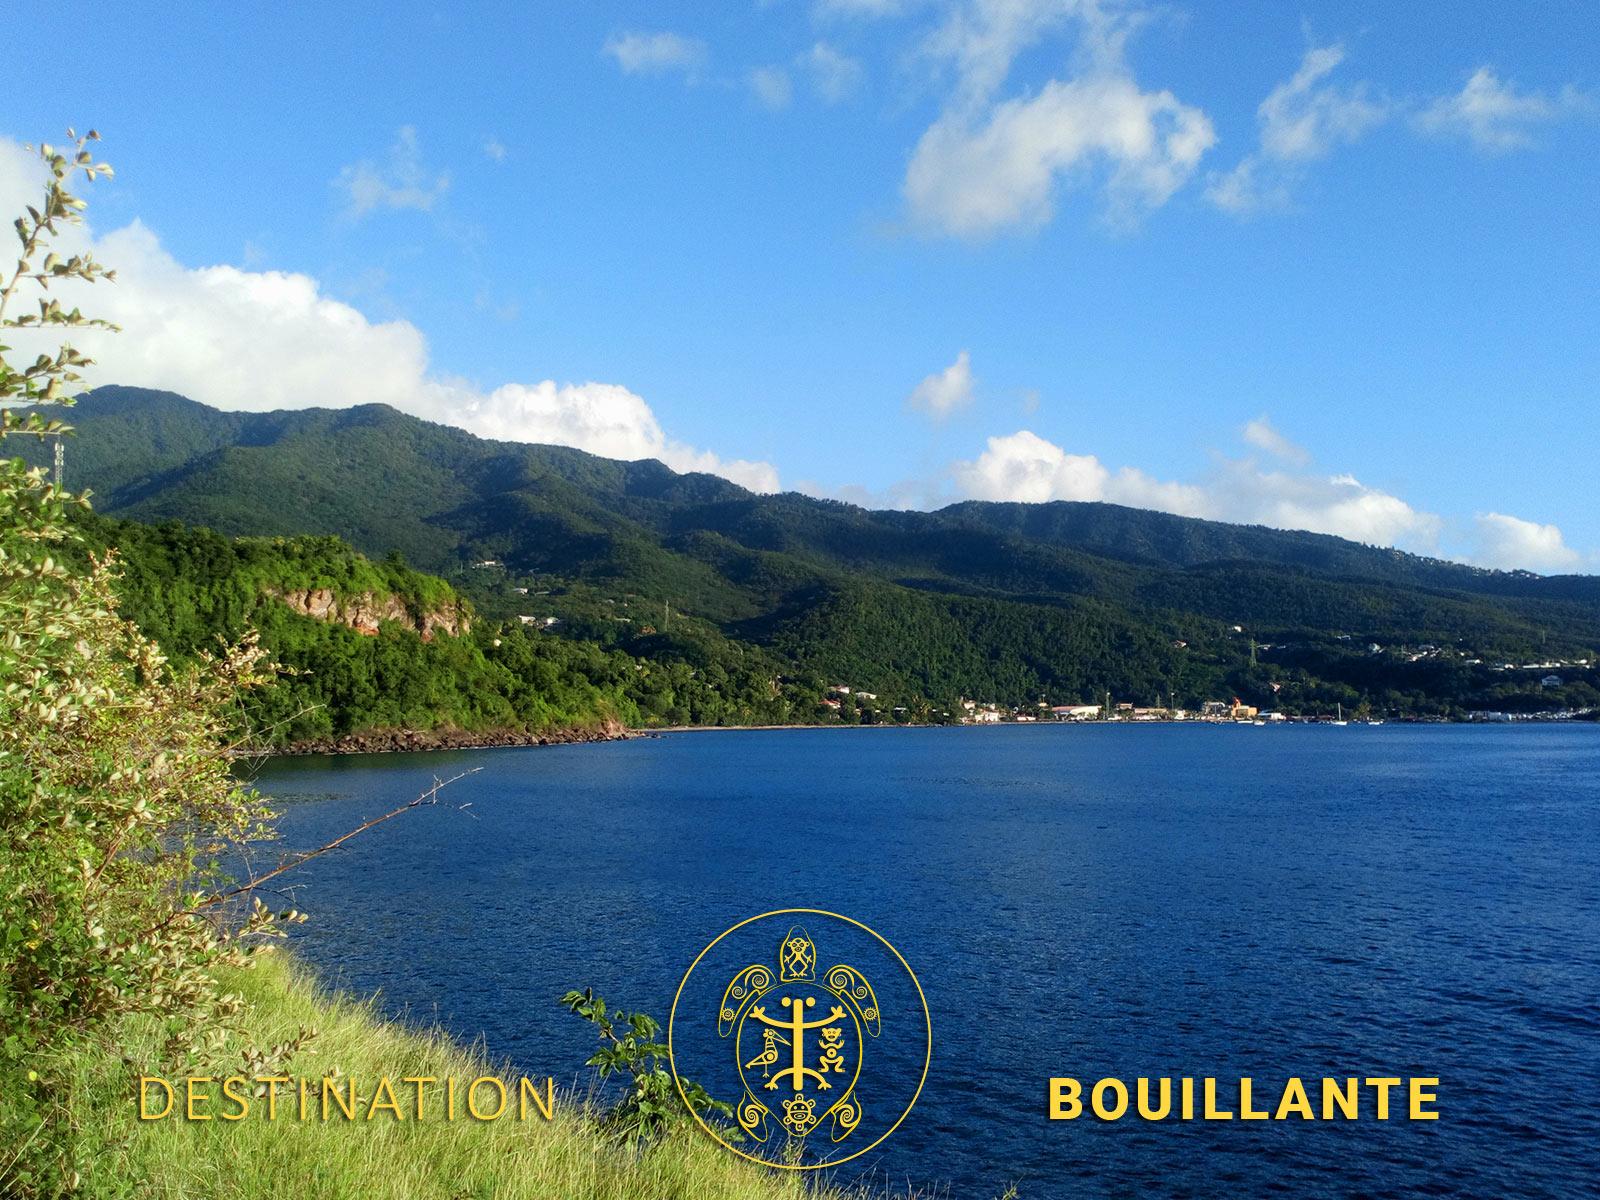 Vue sur la baie de Bouillante depuis Machette